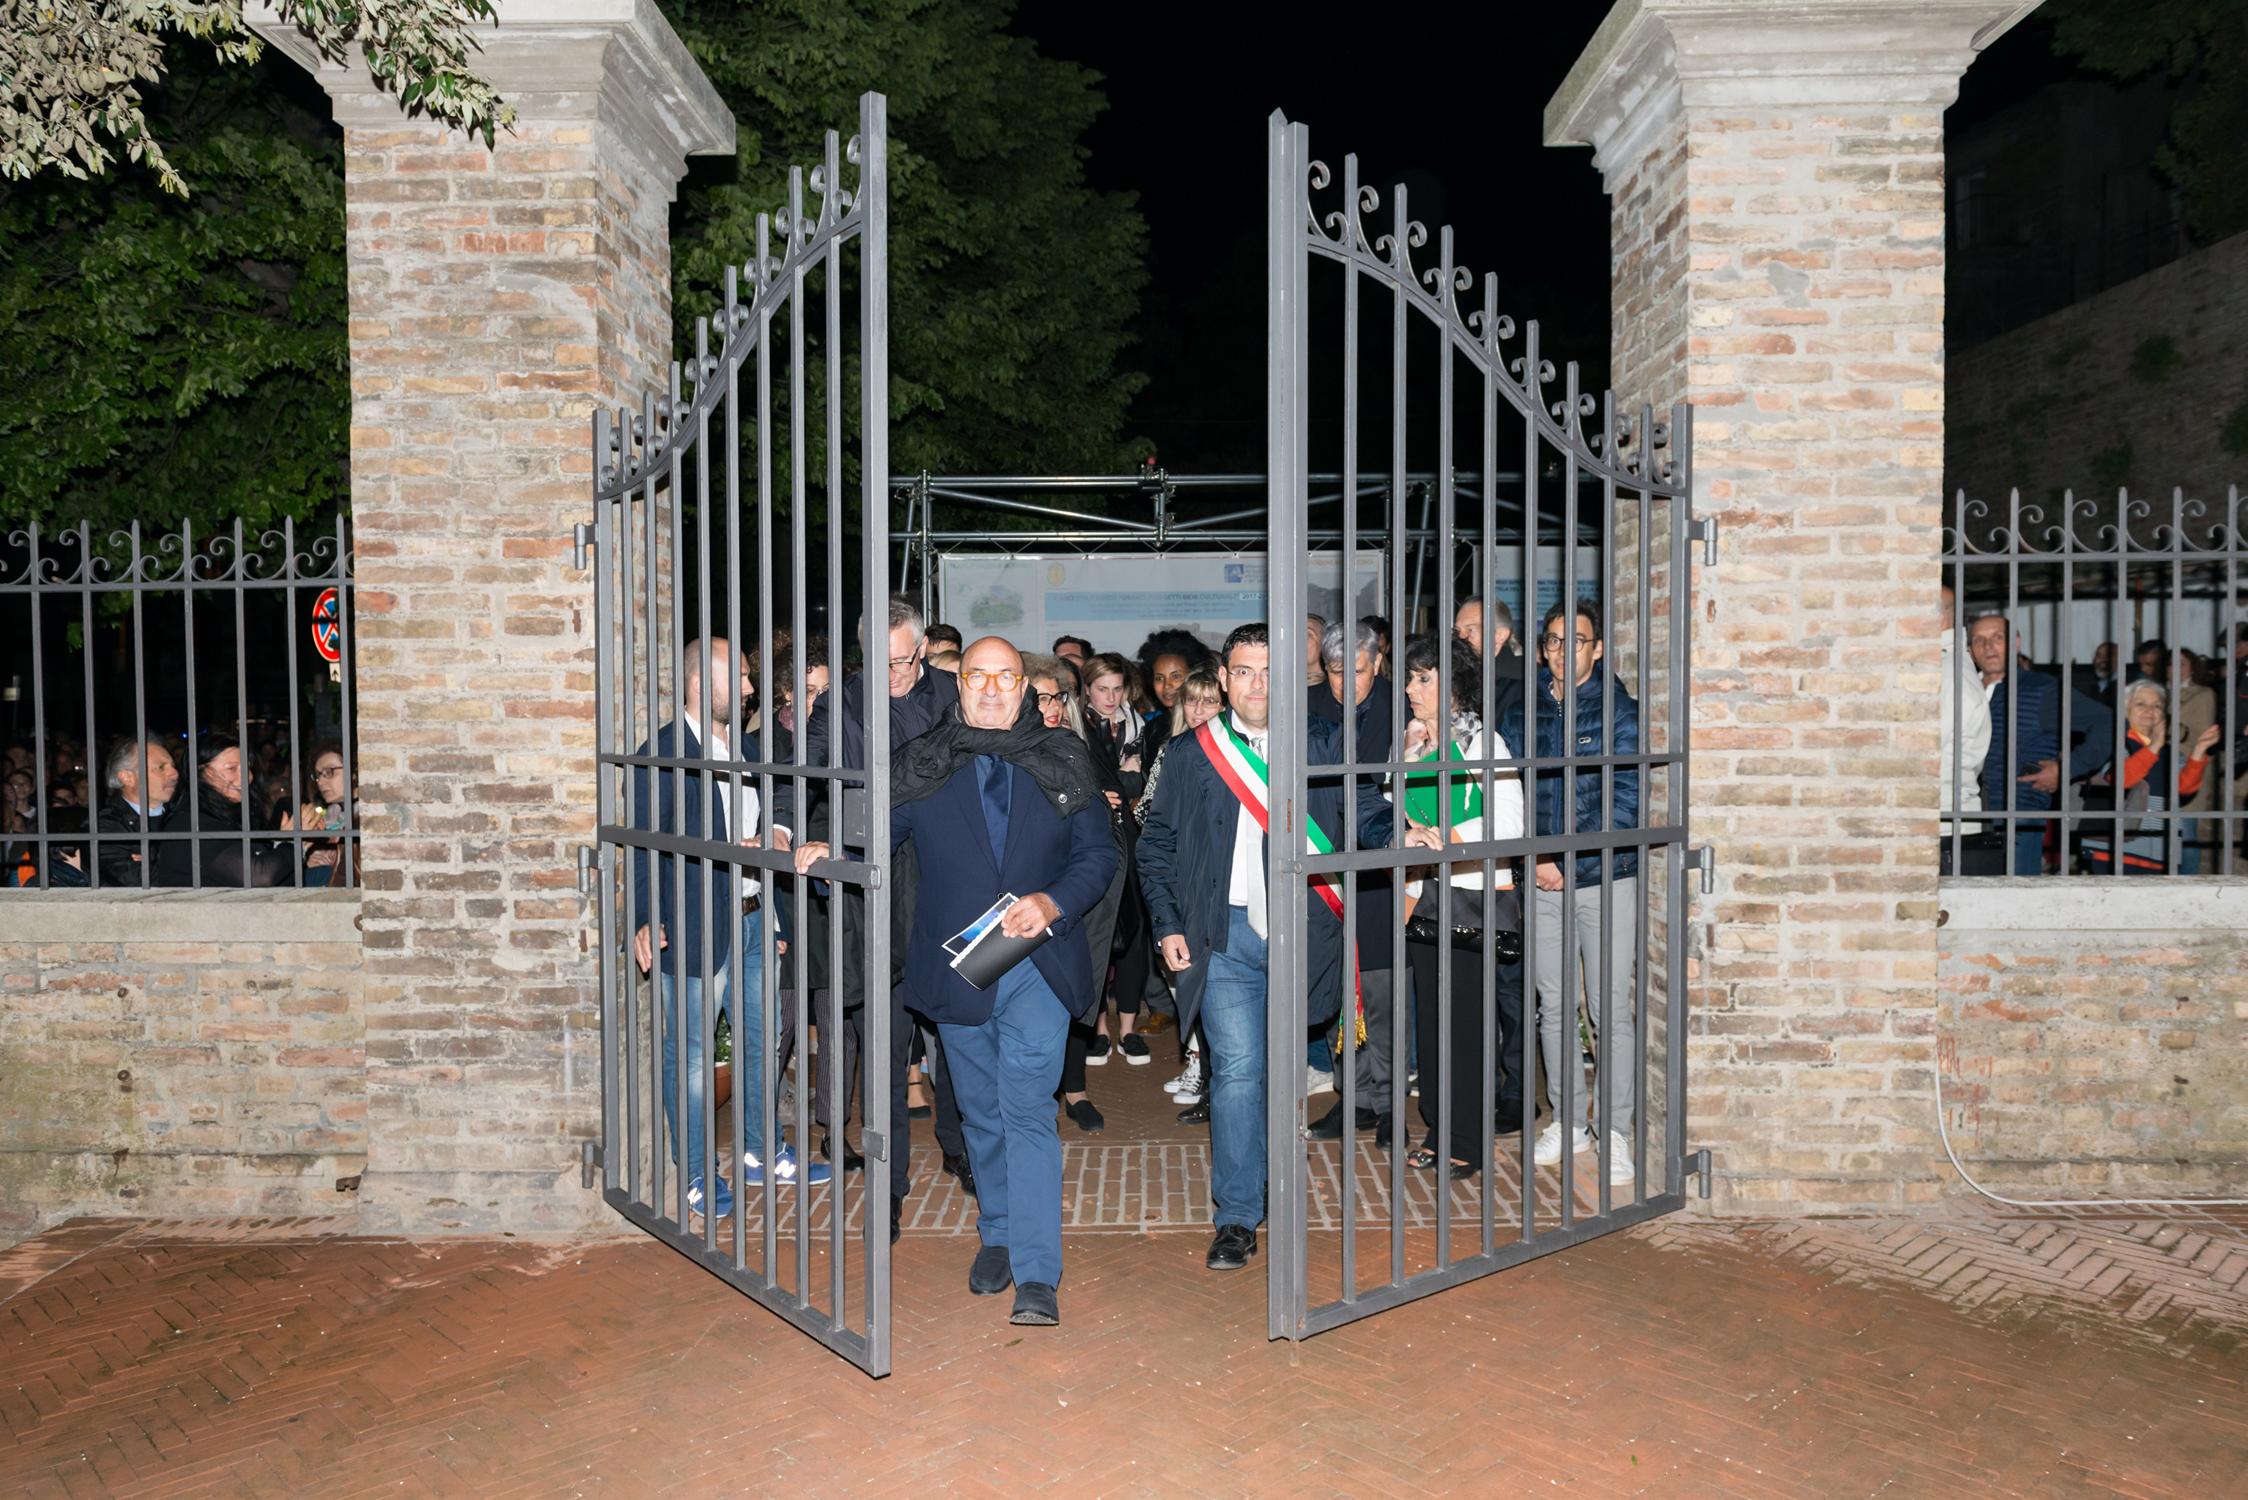 The Municipality of Recanati in collaboration with iGuzzini has regenerated the Colle dell'Infinito